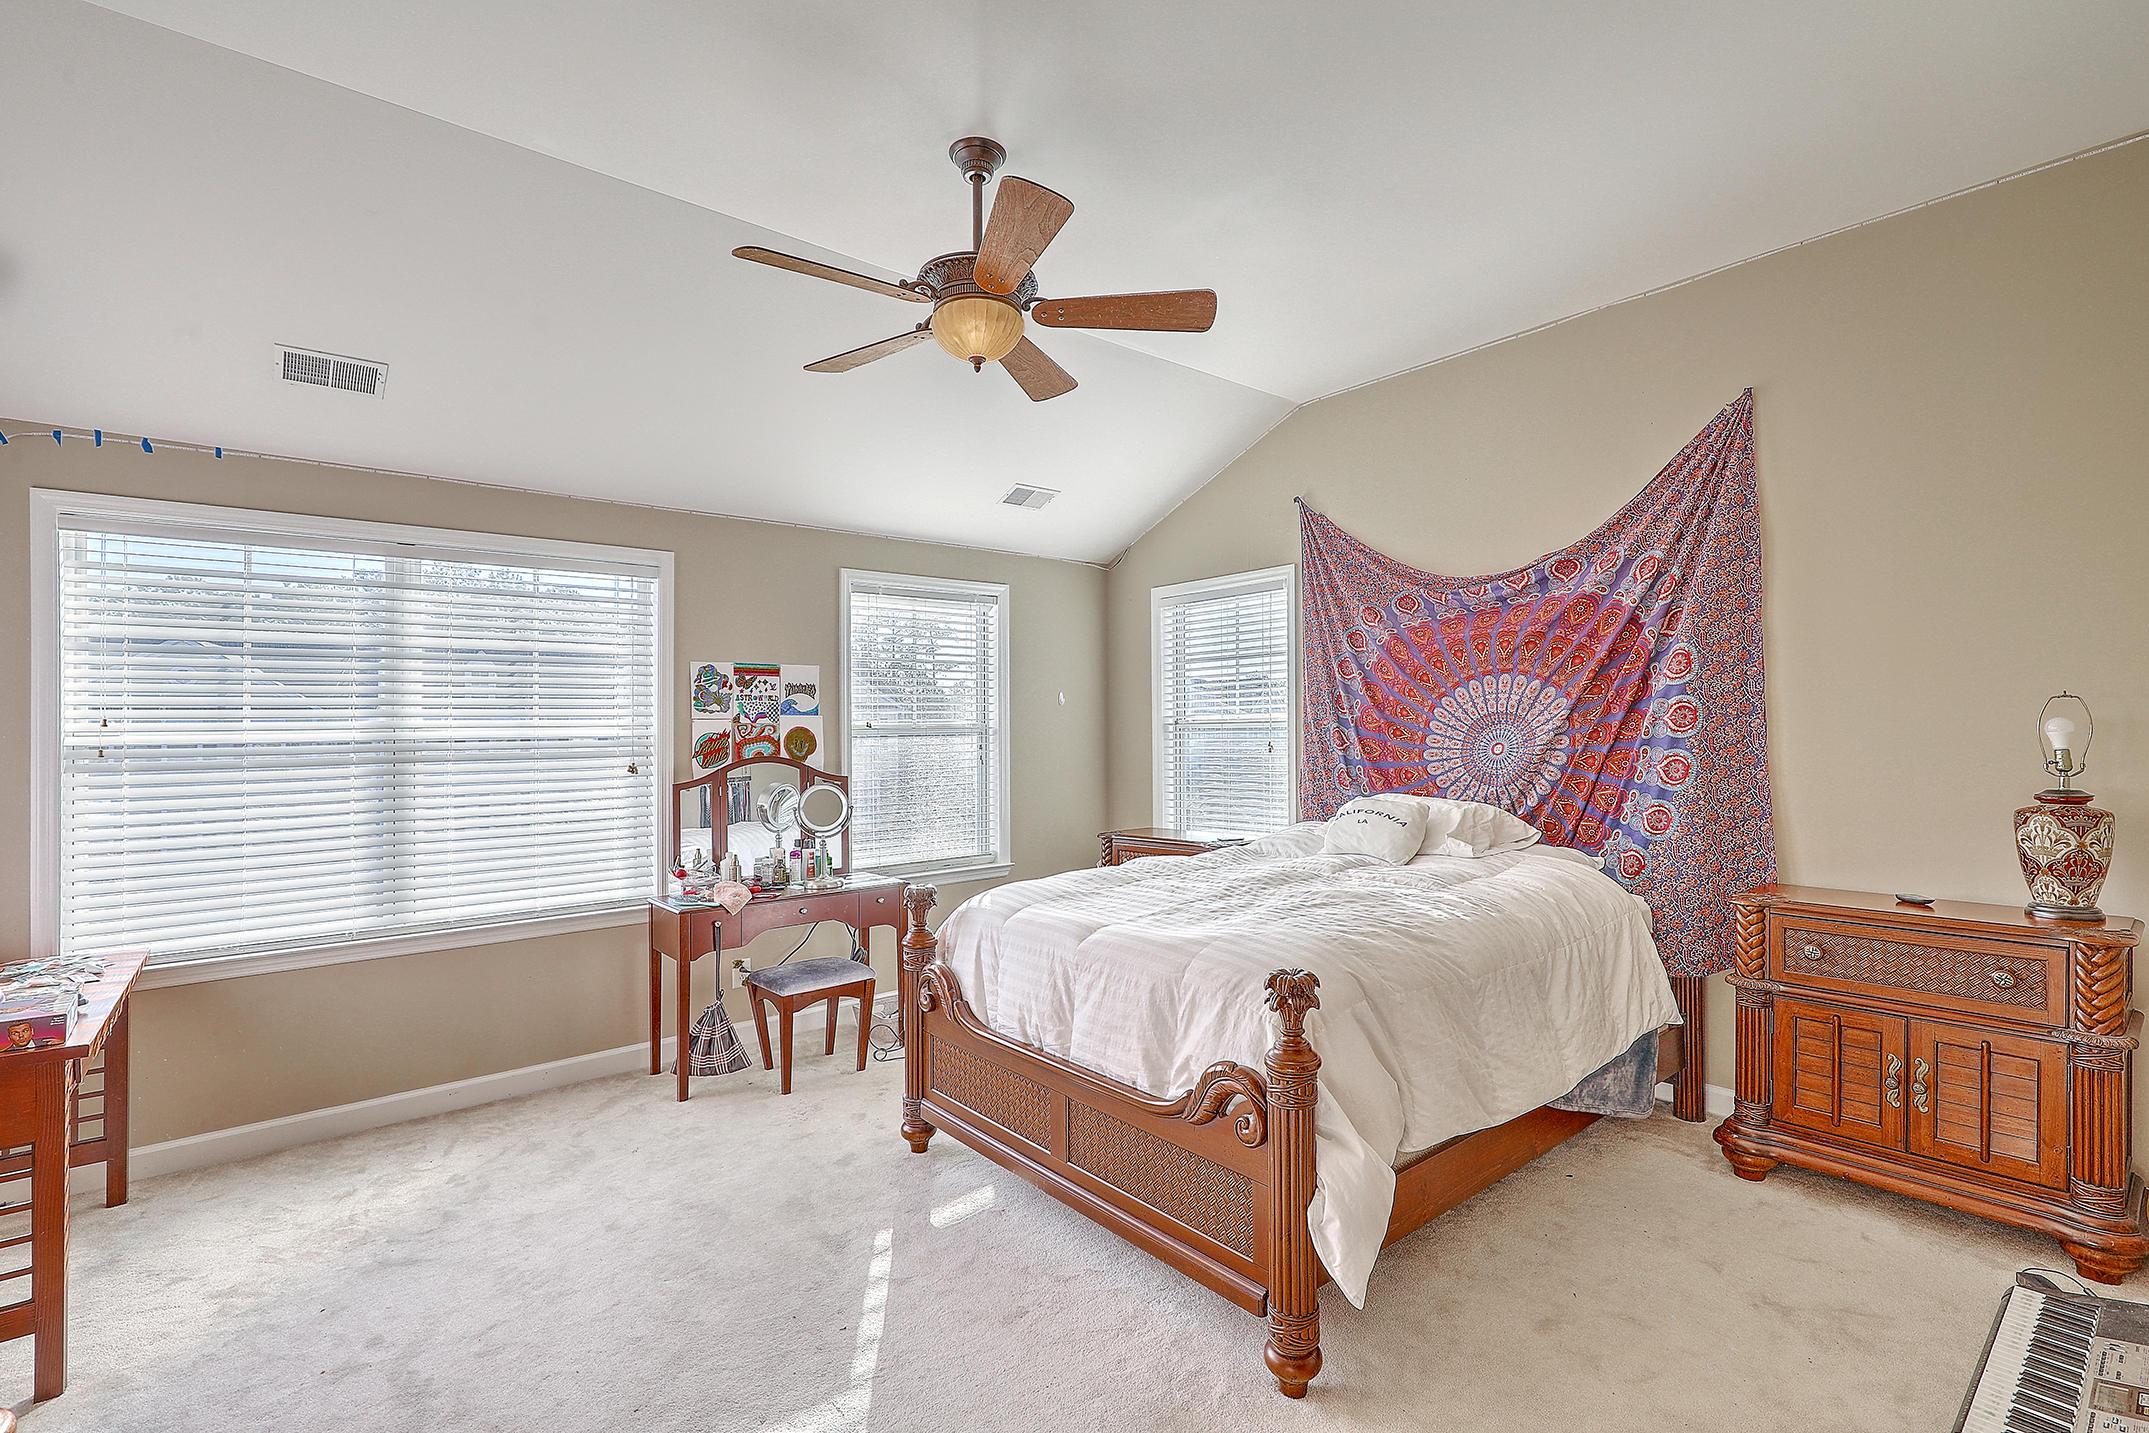 Dunes West Homes For Sale - 129 Palm Cove, Mount Pleasant, SC - 30